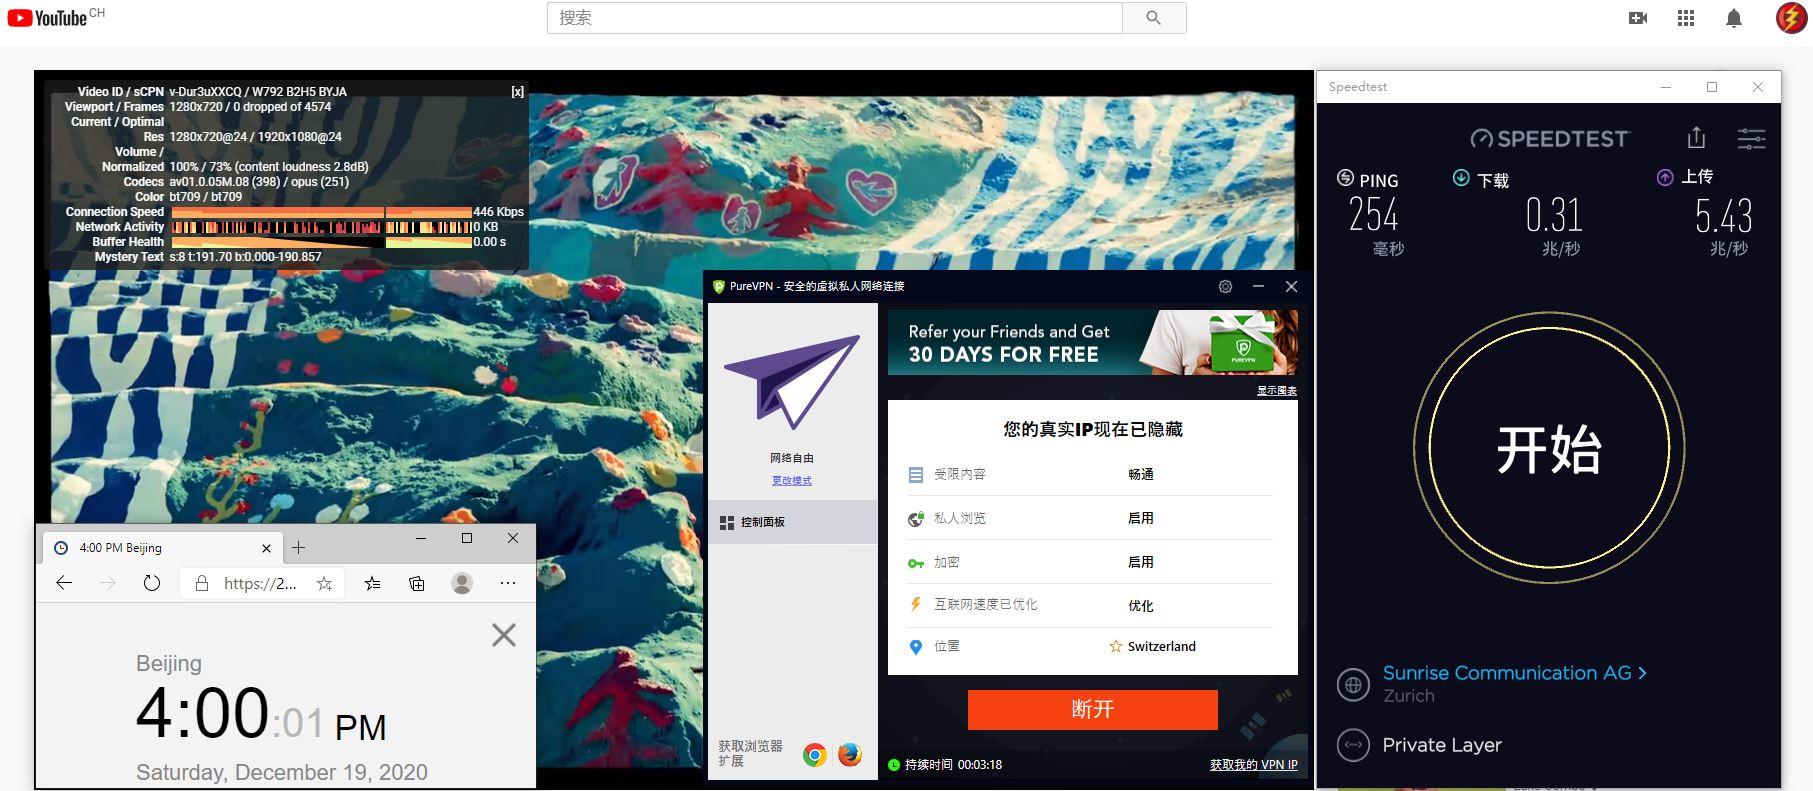 Windows10 PureVPN Switzerland 服务器 中国VPN 翻墙 科学上网 测试 - 20201219